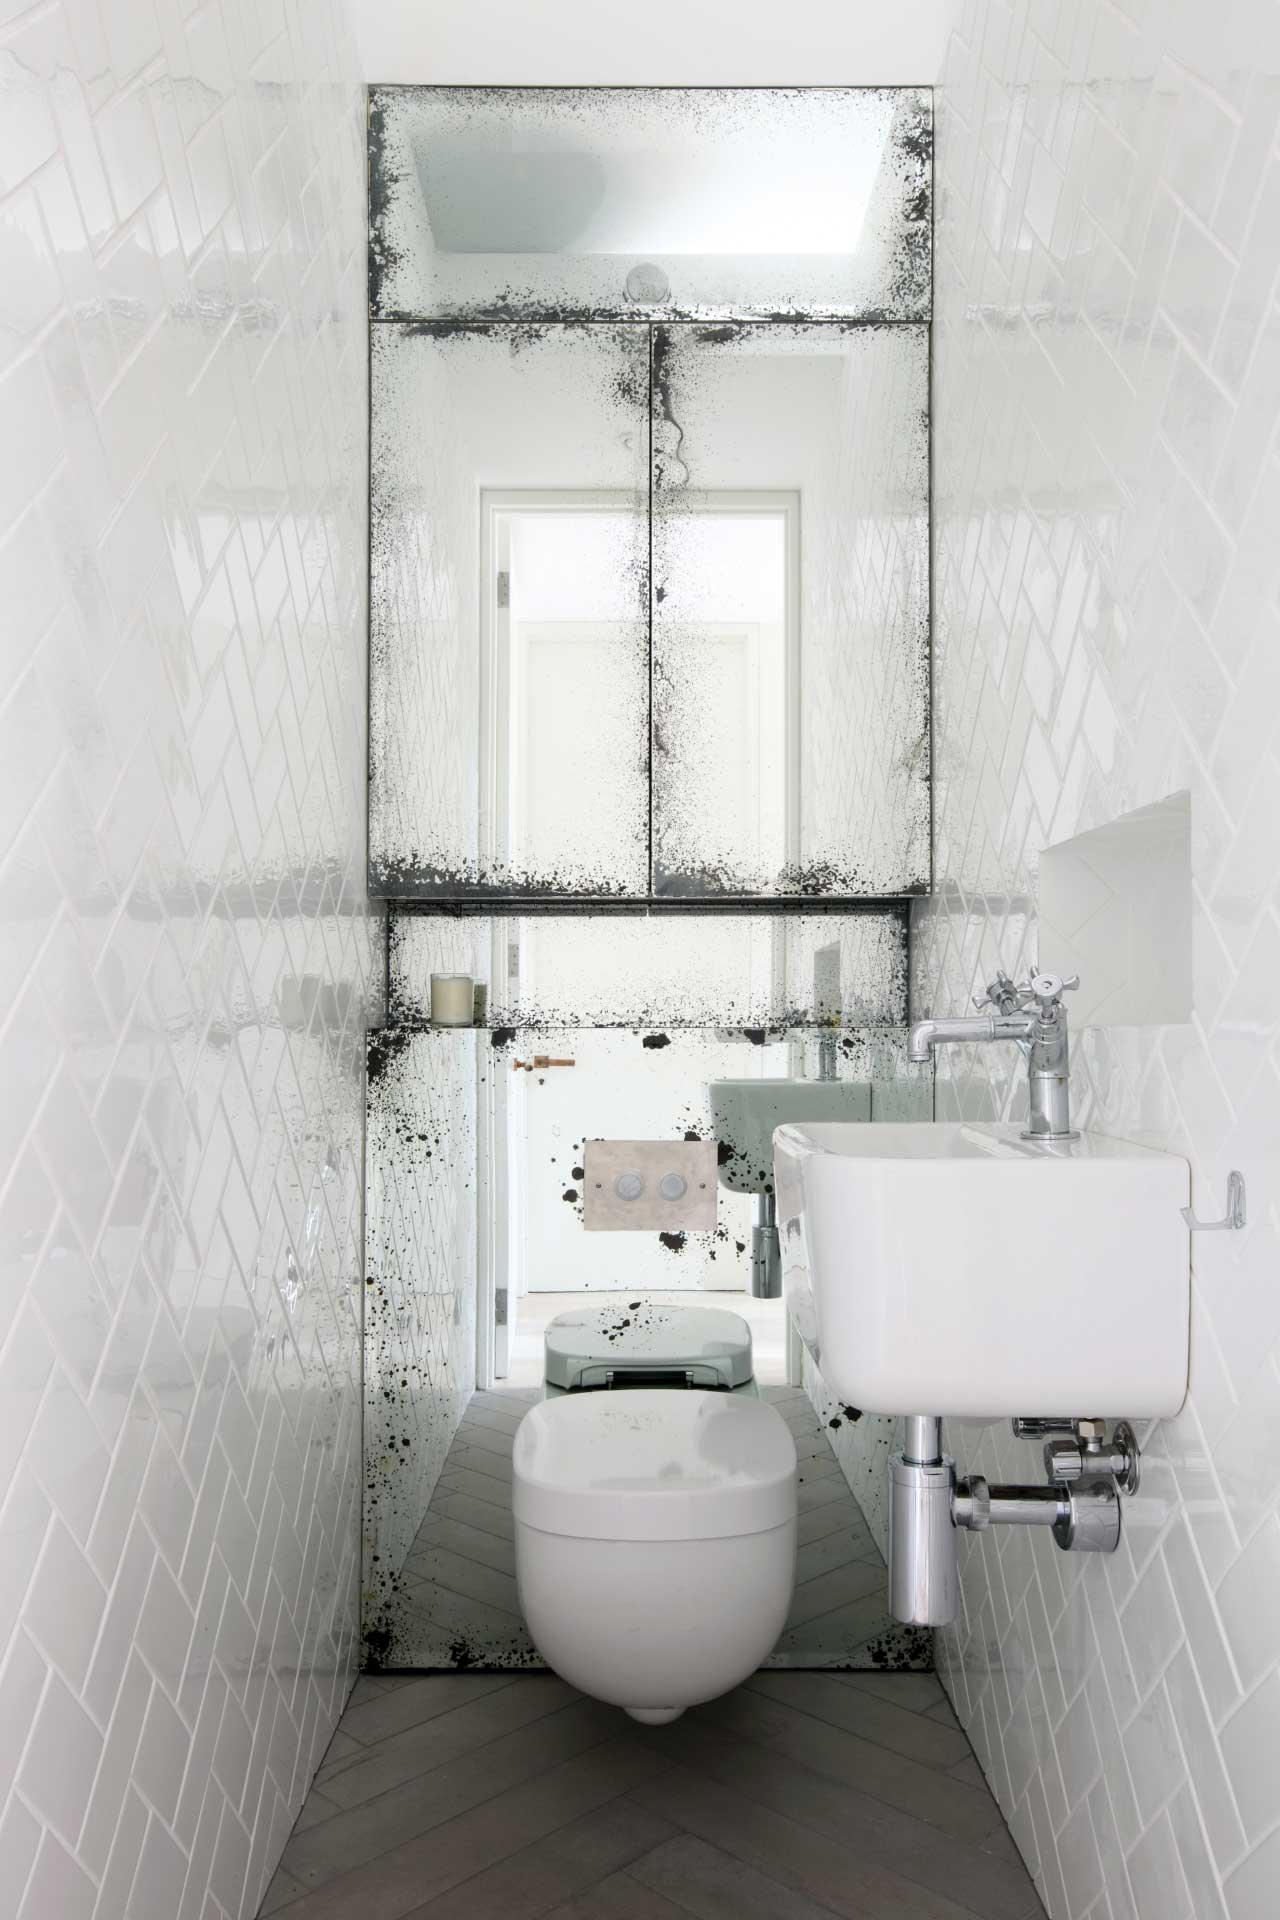 Visgraat tegels in toilet interieur inrichting - Tegelvloer badkamer ...